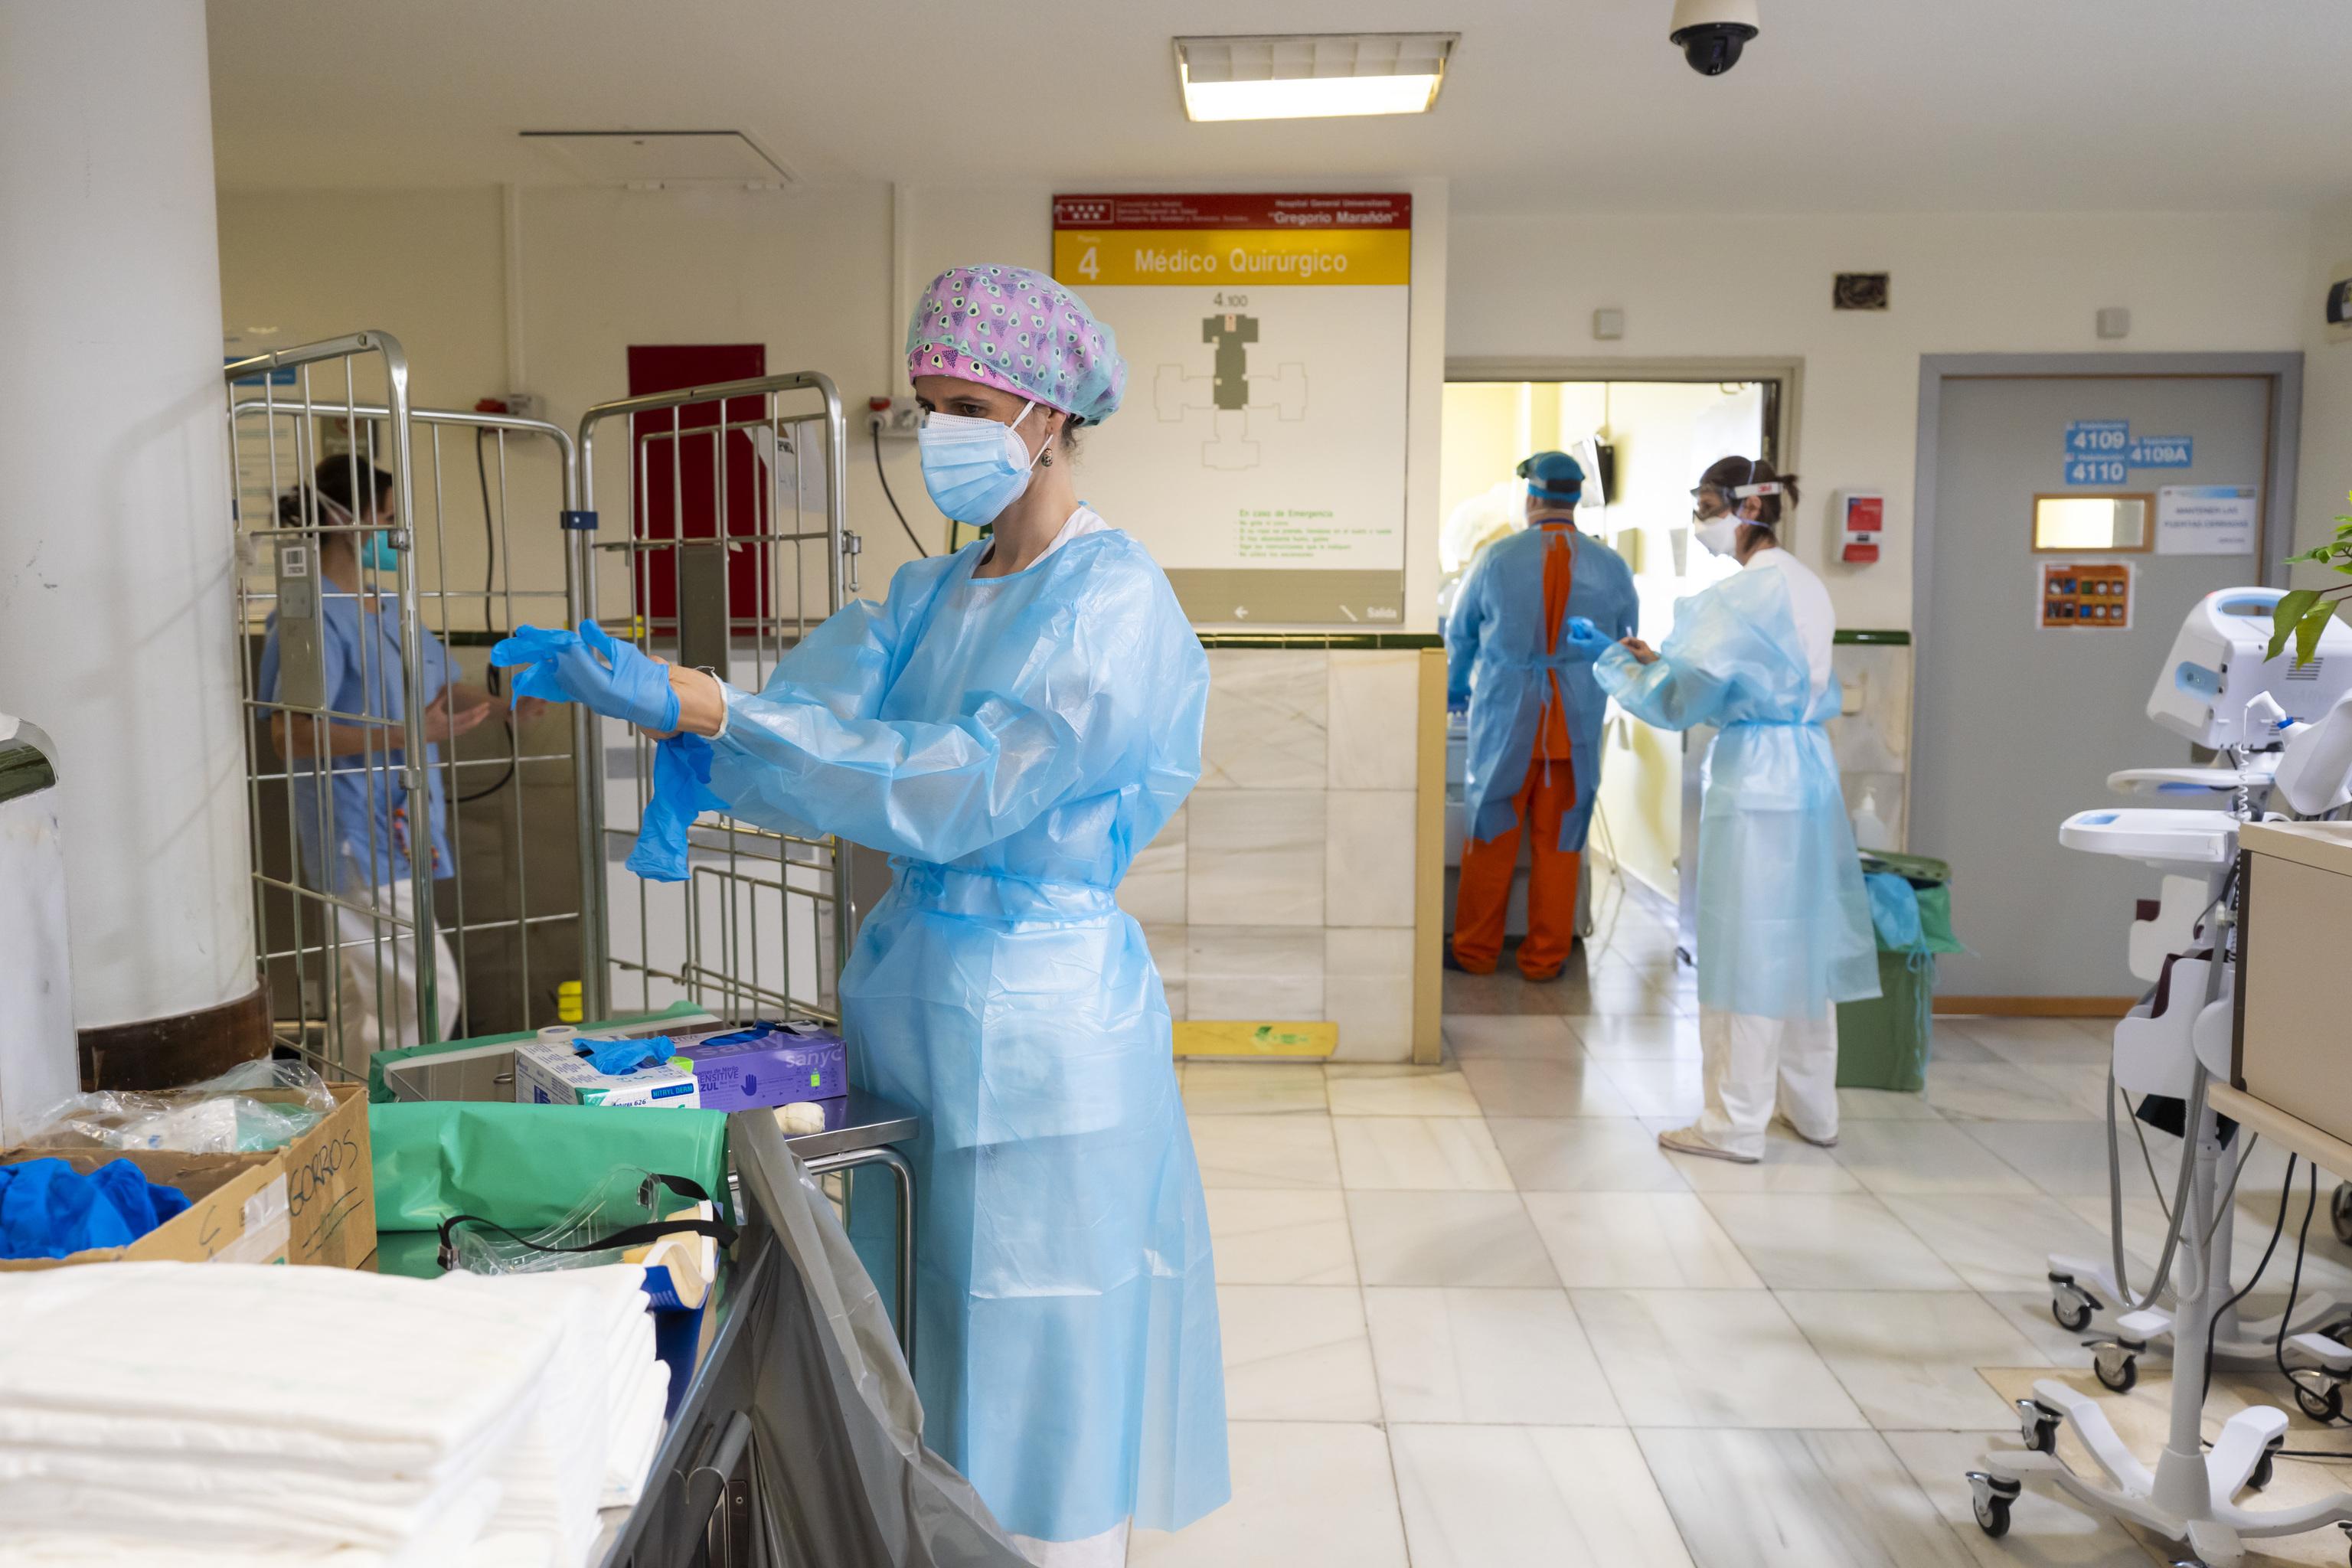 Pasillos del hospital Gregorio Marañón de Madrid.